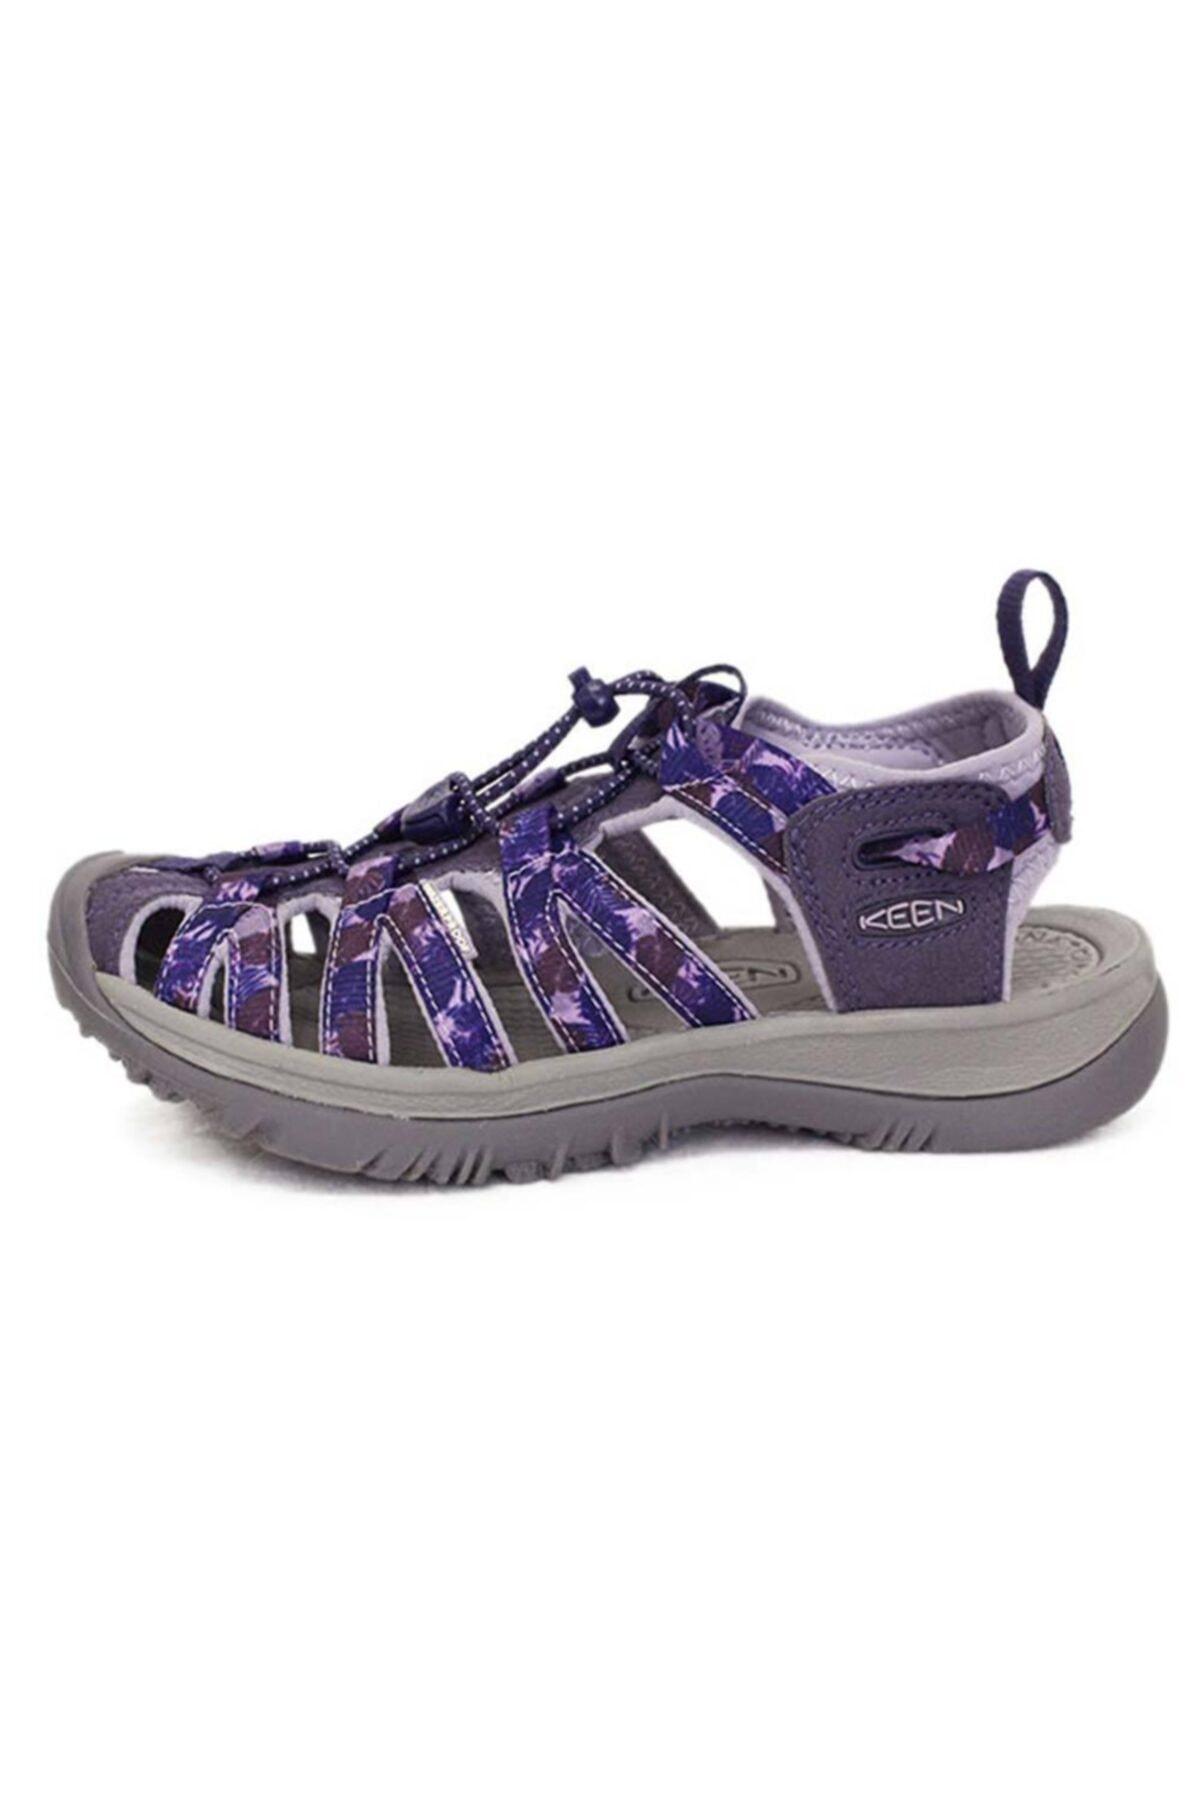 Keen Kadın Gri Mor Whisper Spor Sandalet 2